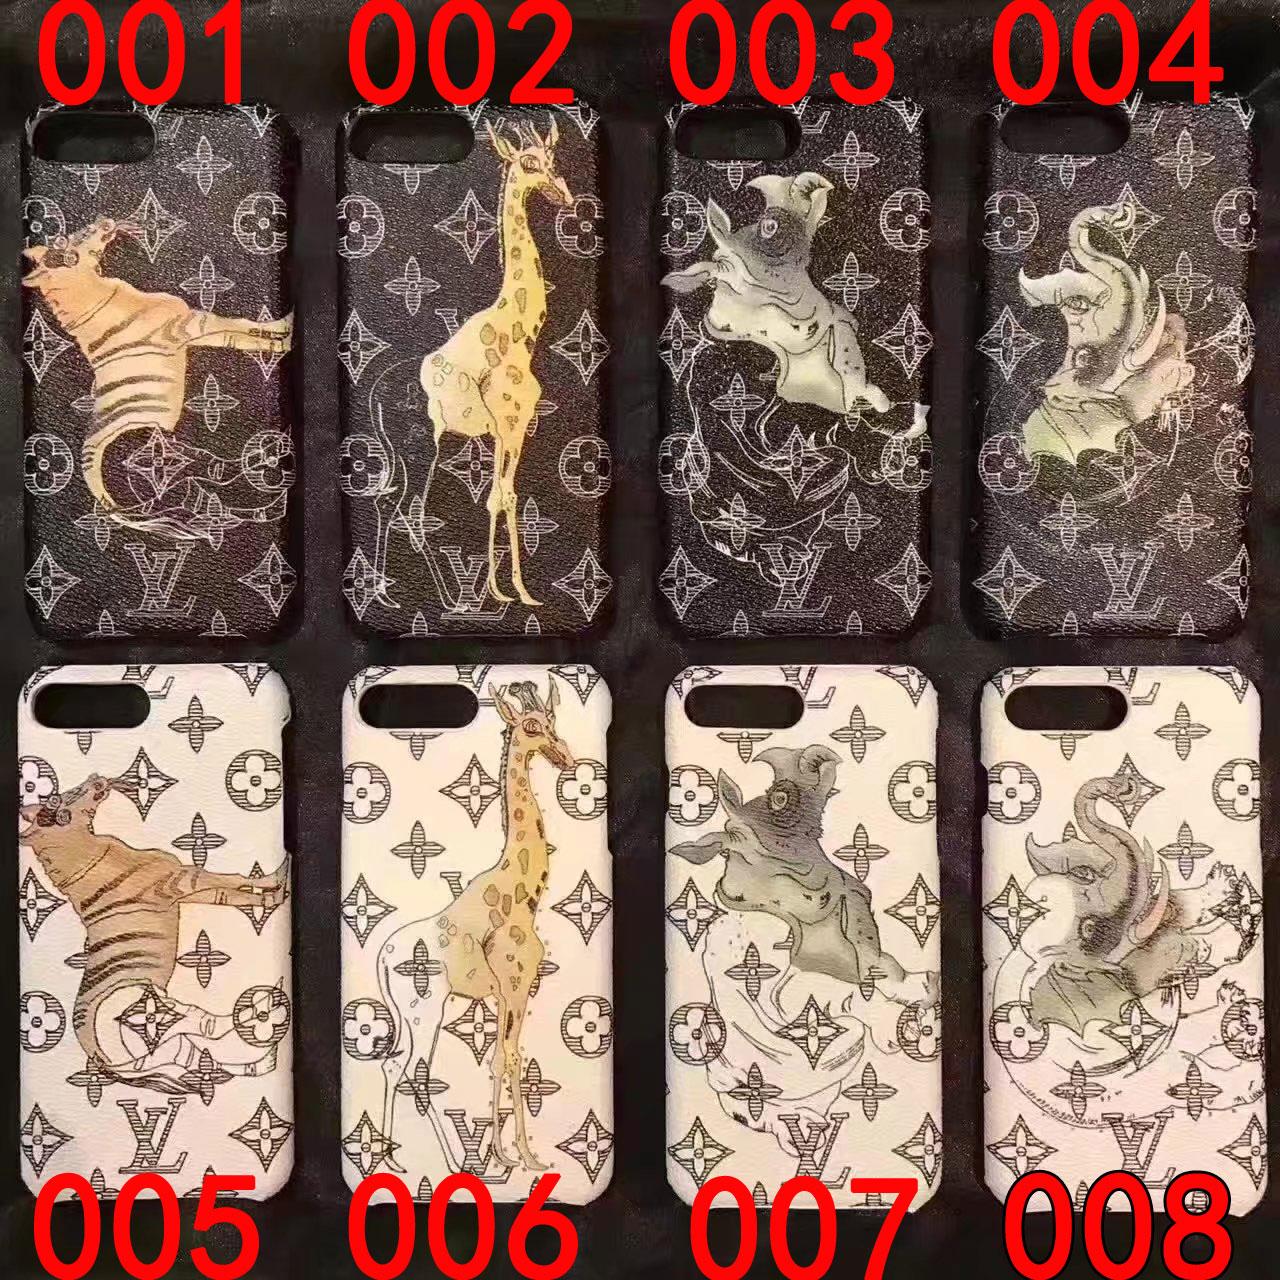 ブランド ヴィトン iPhone8/8 plusカバー